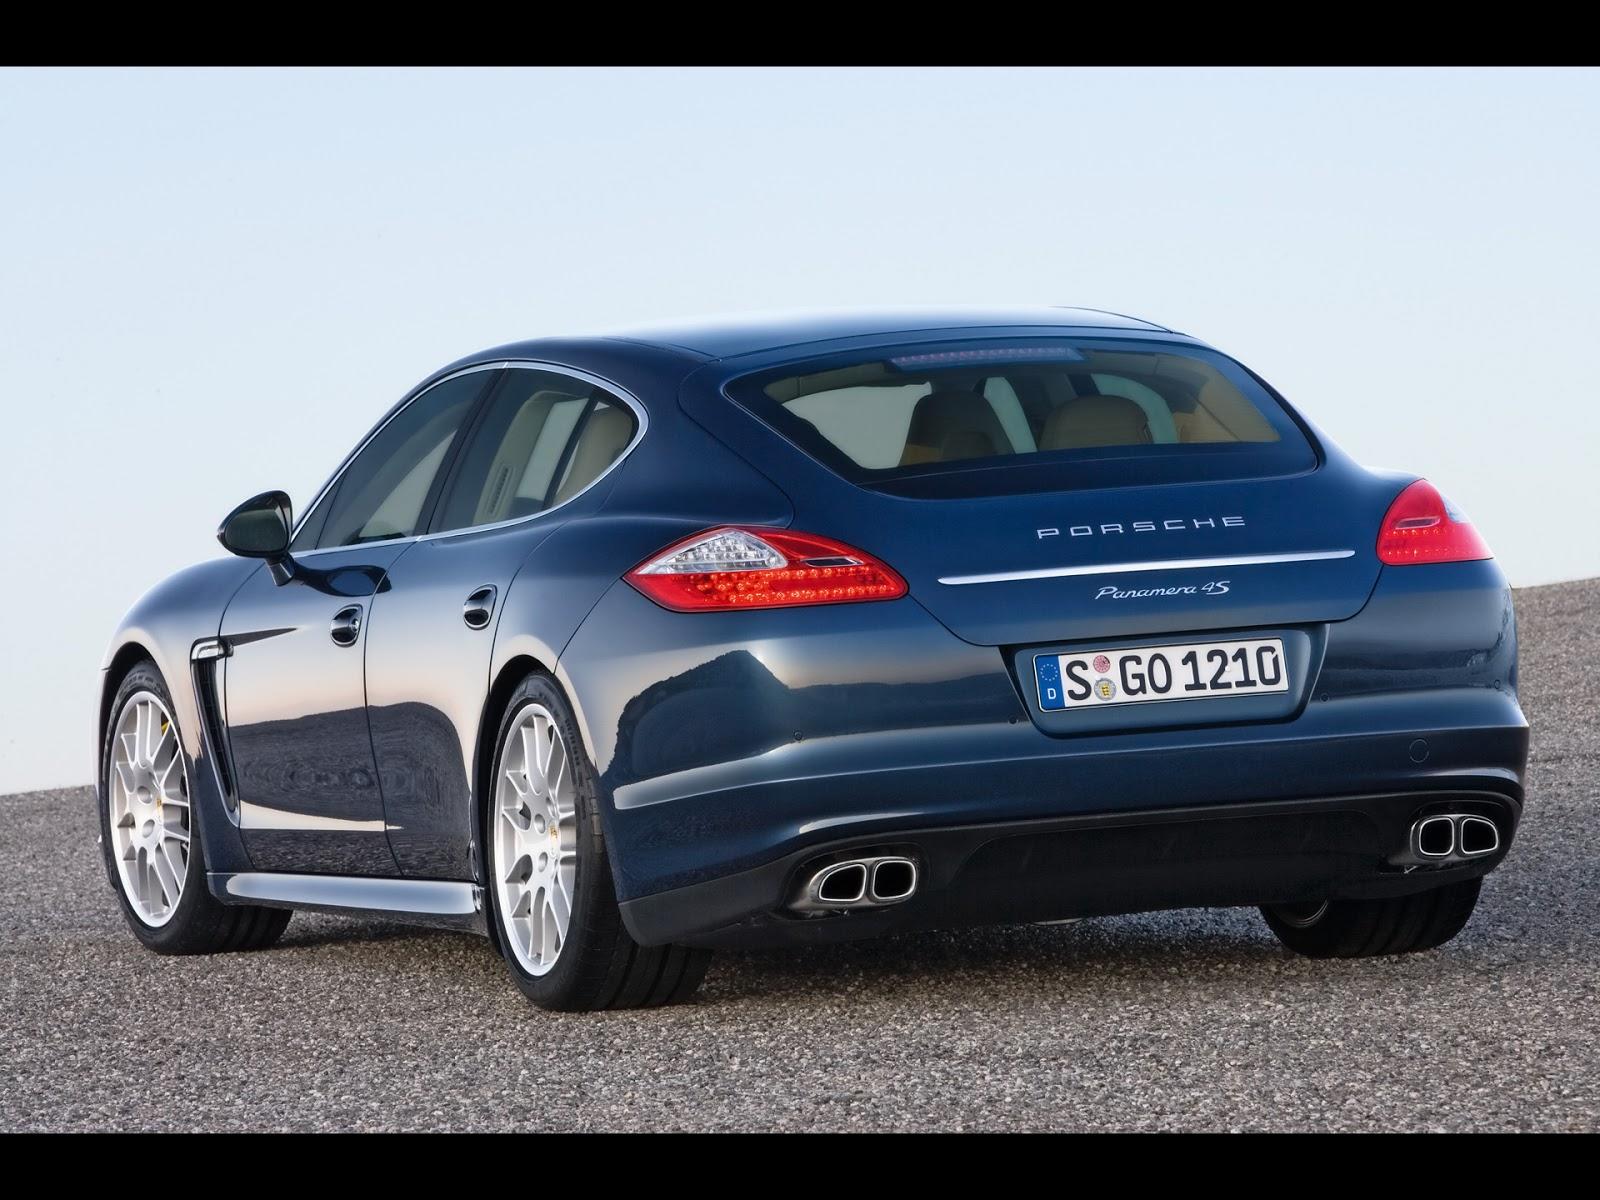 http://3.bp.blogspot.com/-C0t3JuG58JQ/UNrcEfSZztI/AAAAAAAACjM/5G28v_ujiIY/s1600/Porsche-Panamera-4S-5.jpg